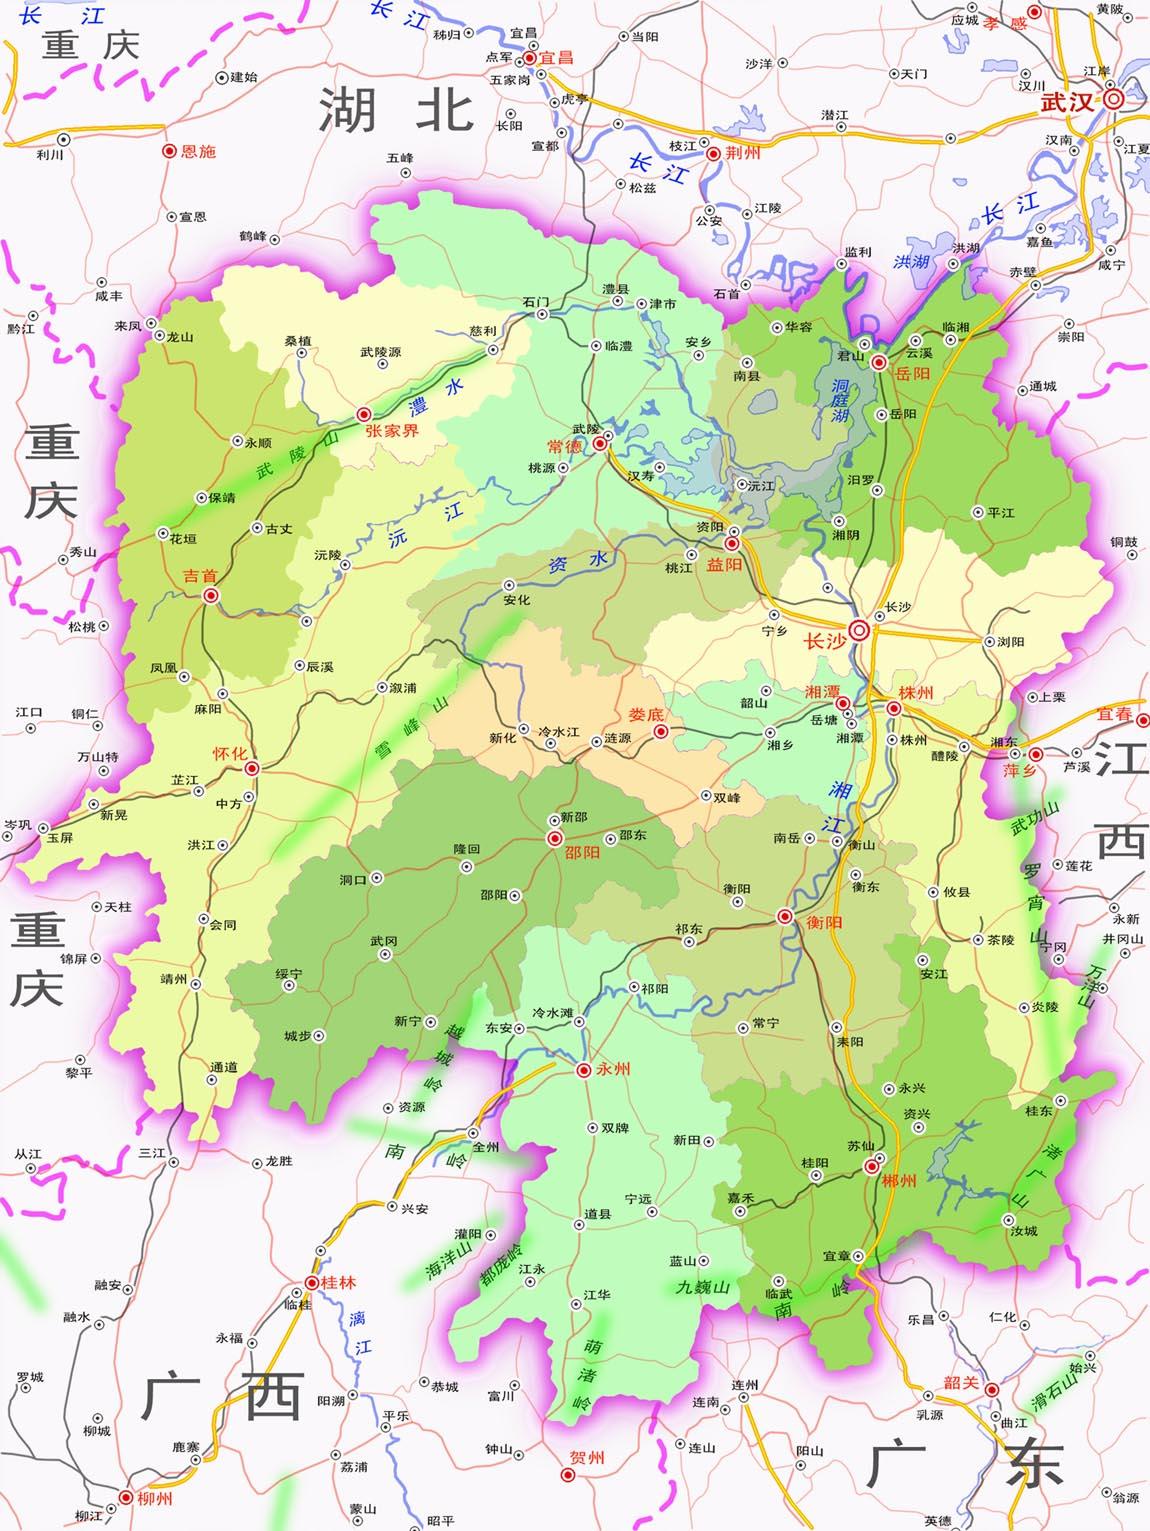 湖南地图(政区图)